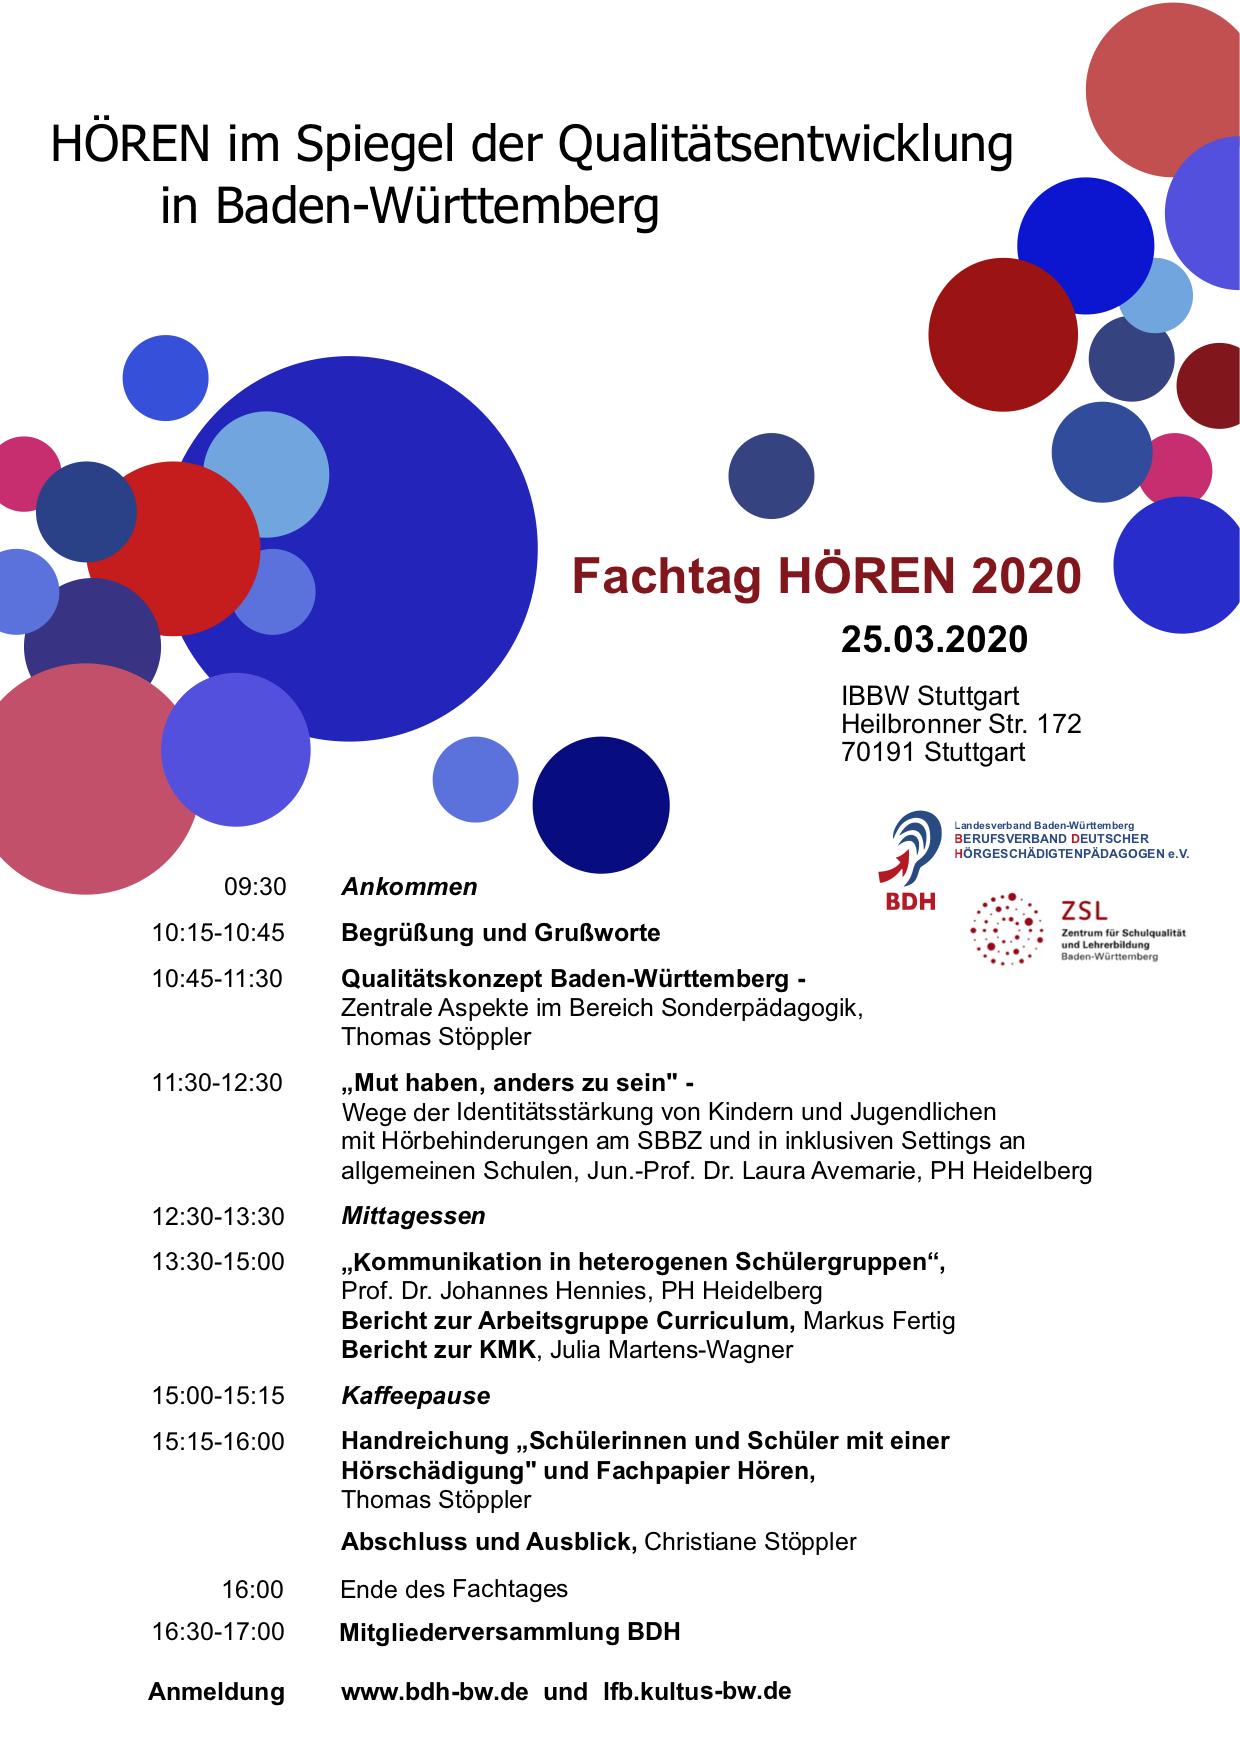 Einladung zum Fachtag HÖREN 2020